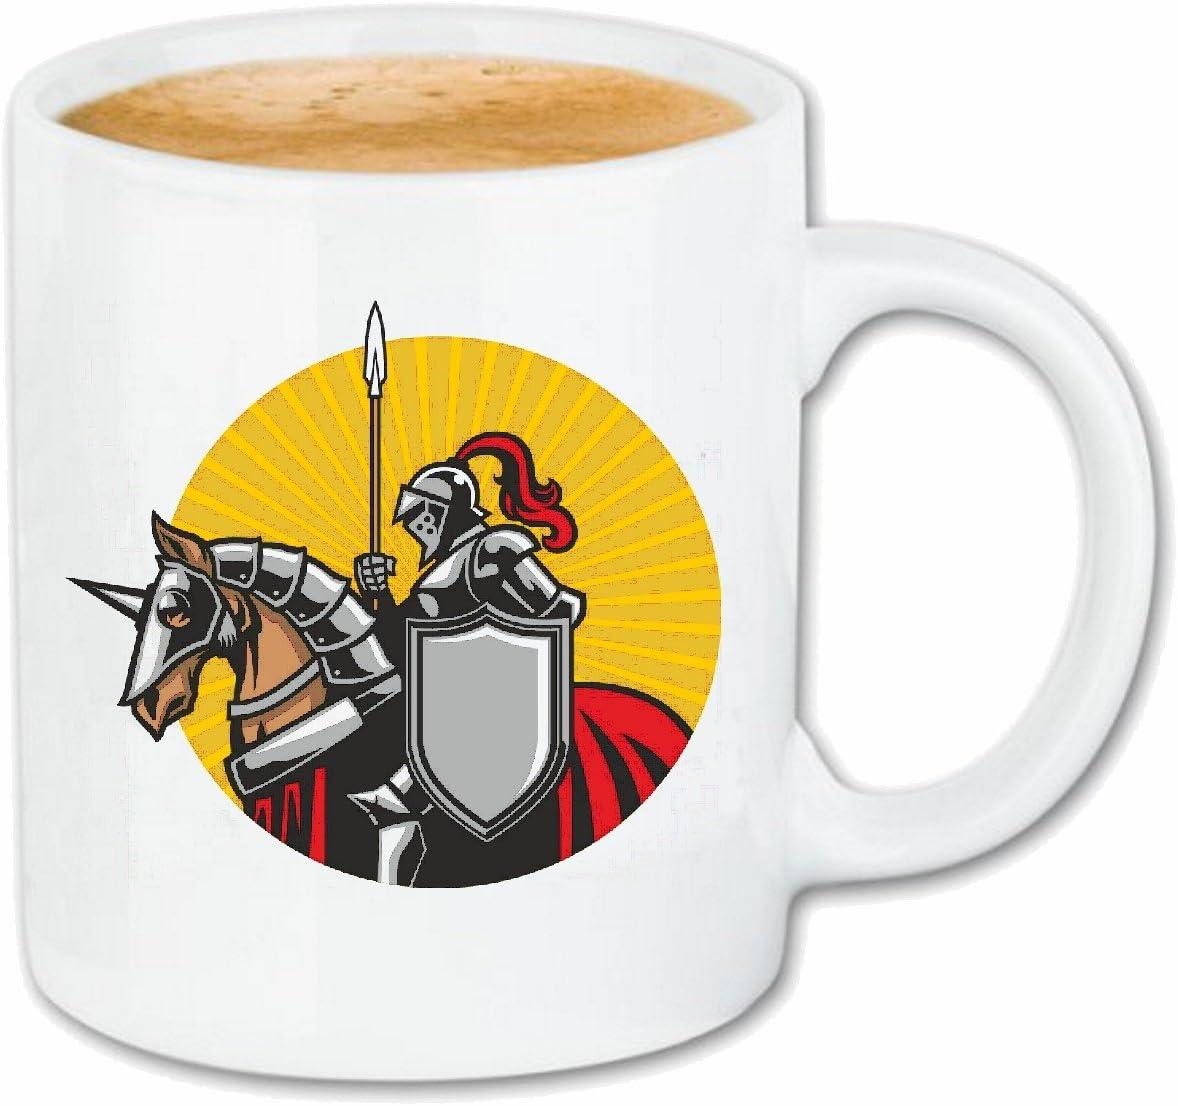 taza para café Logotipo del caballero CON EL CABALLO KNIGHTSWORD KNIGHT KNIGHT ARMOUR Ritterburg CASCO PROTECTOR Caso duro de la cubierta Teléfono Cubiertas cubierta para el330 ml de cerámica en blan